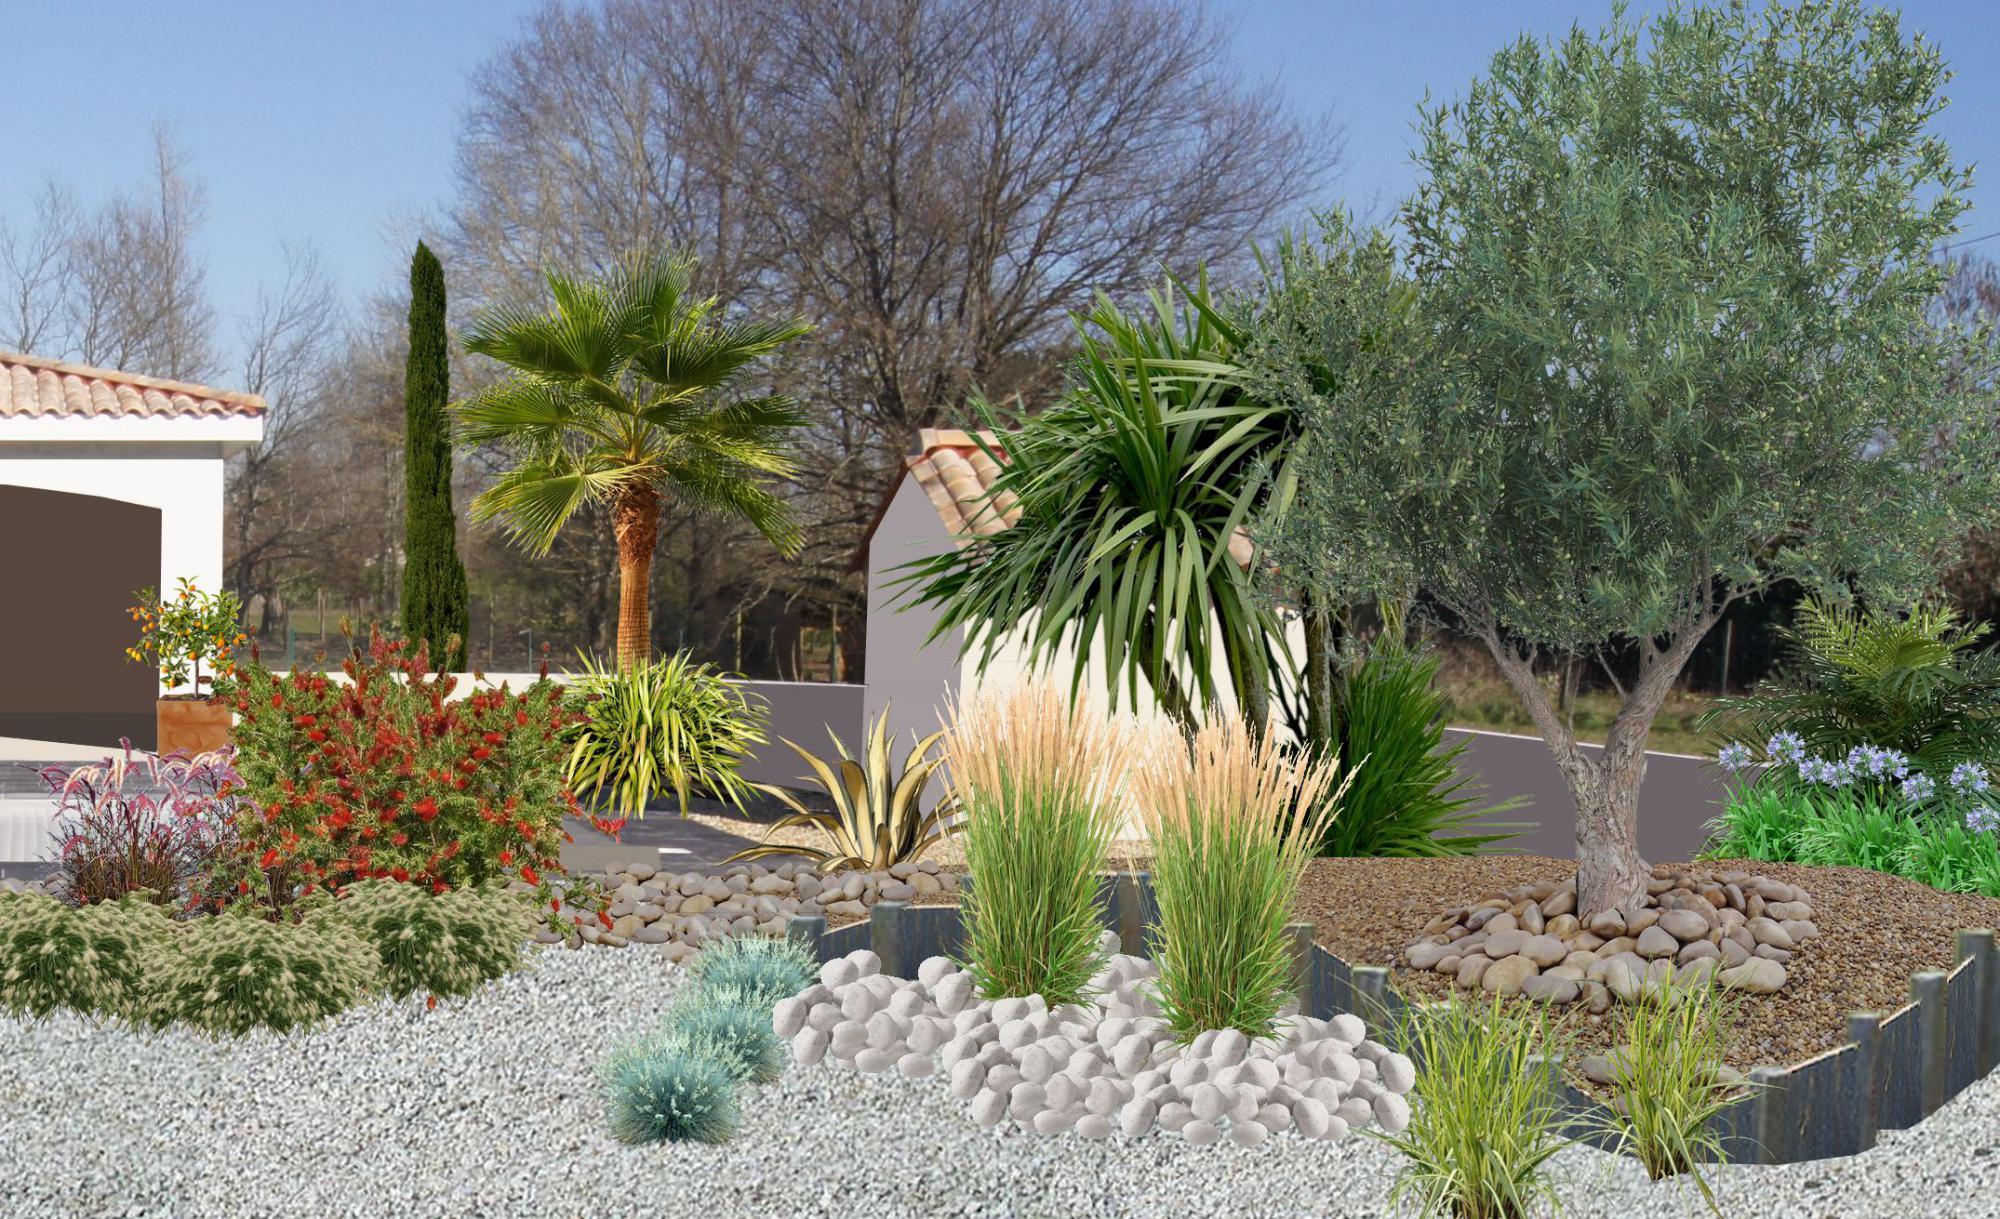 plantation de graminées avec des galets devant une piscine